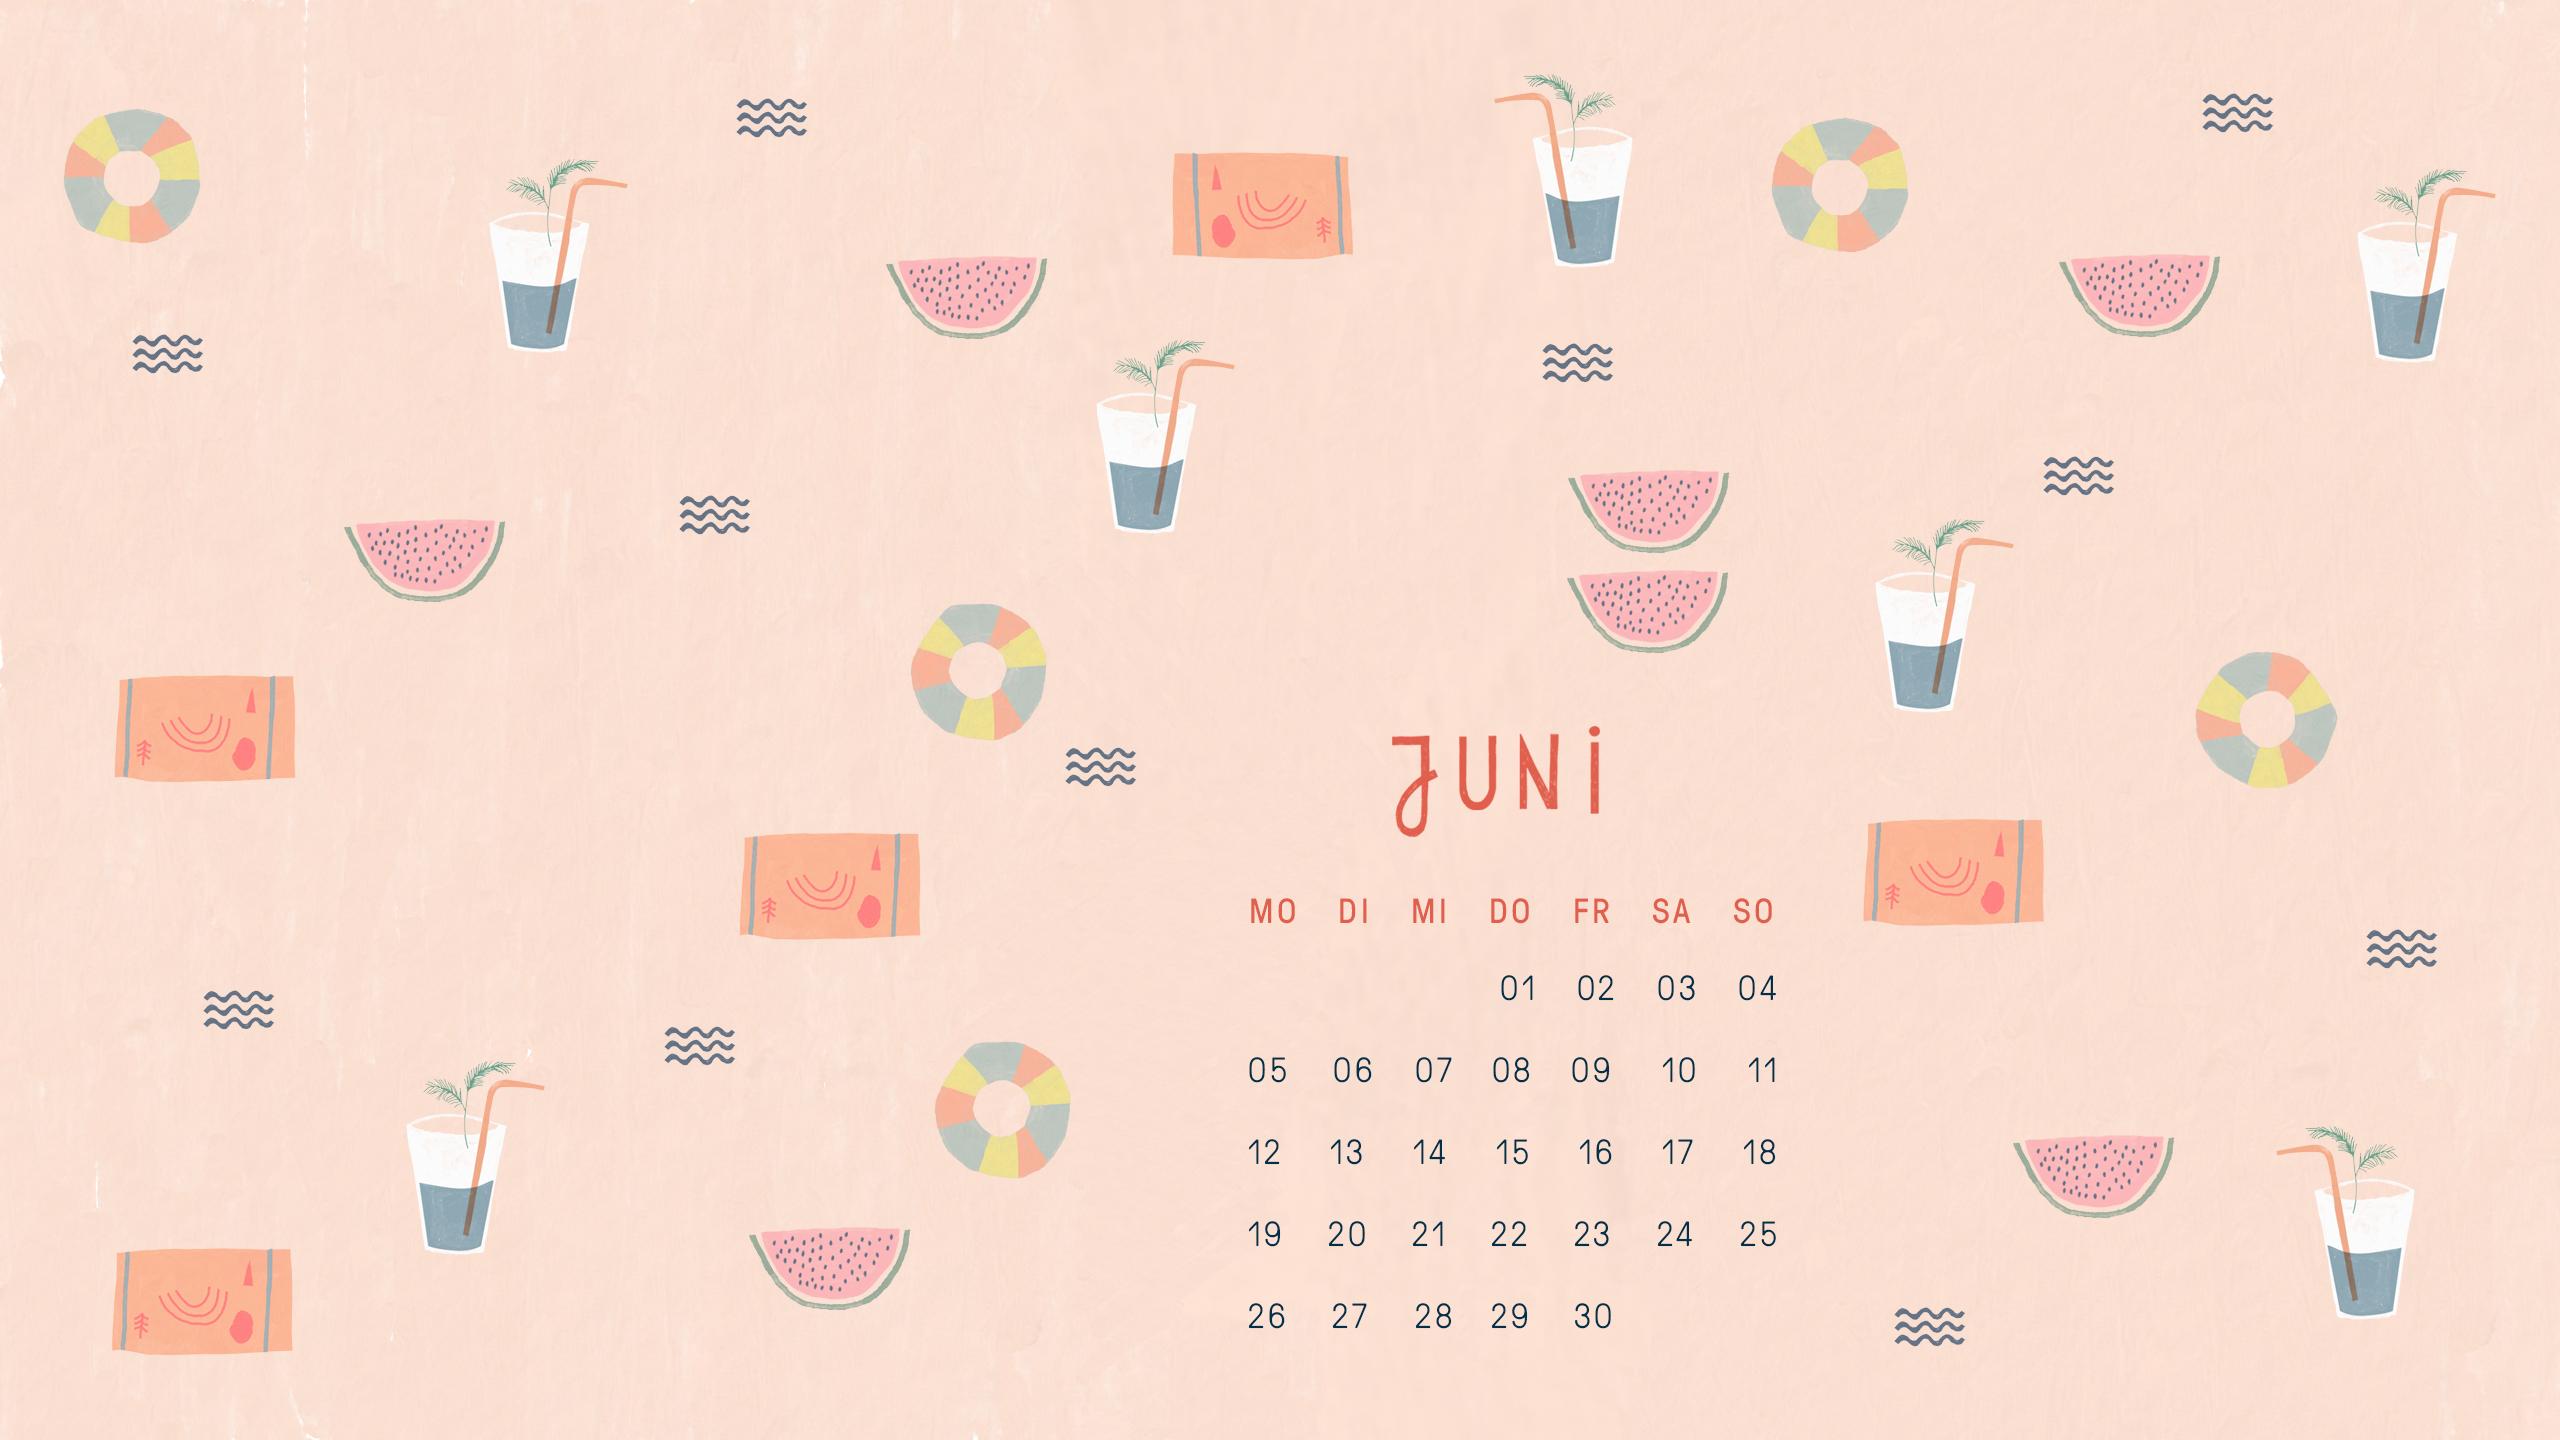 Free Desktop Wallpaper Juni 2017